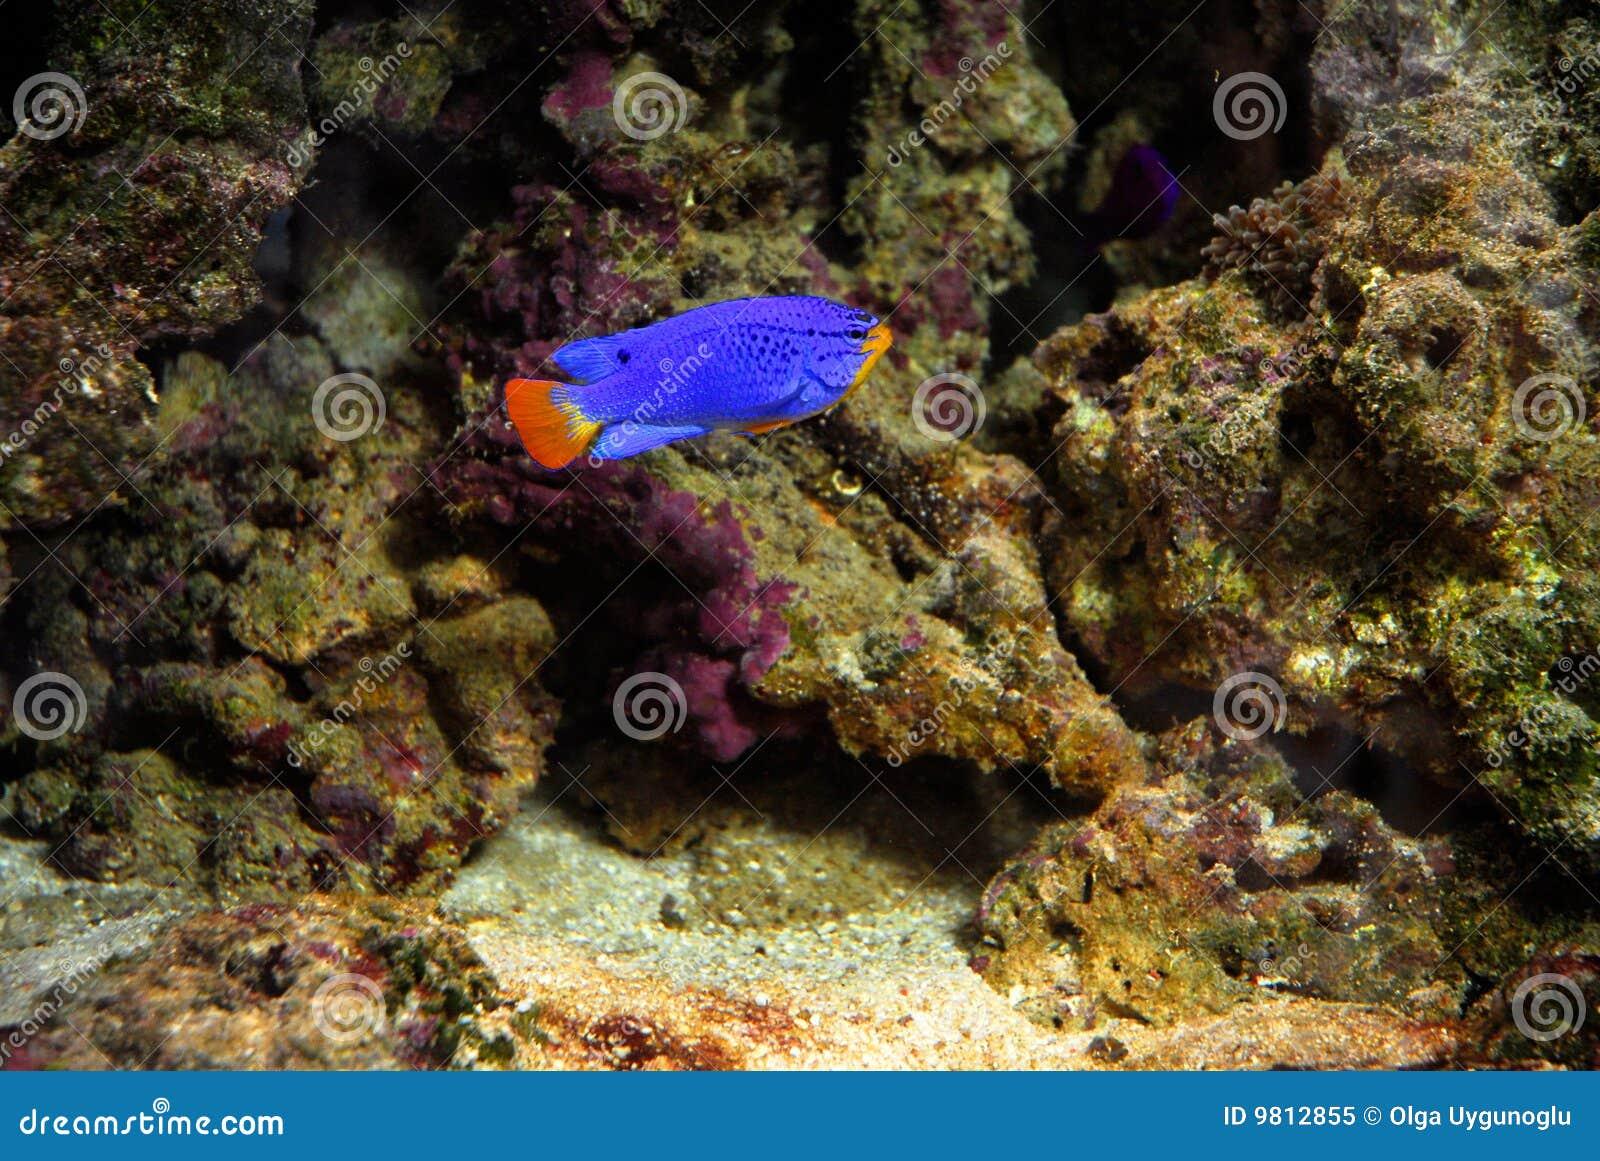 Blaue Fische auf Korallenriff